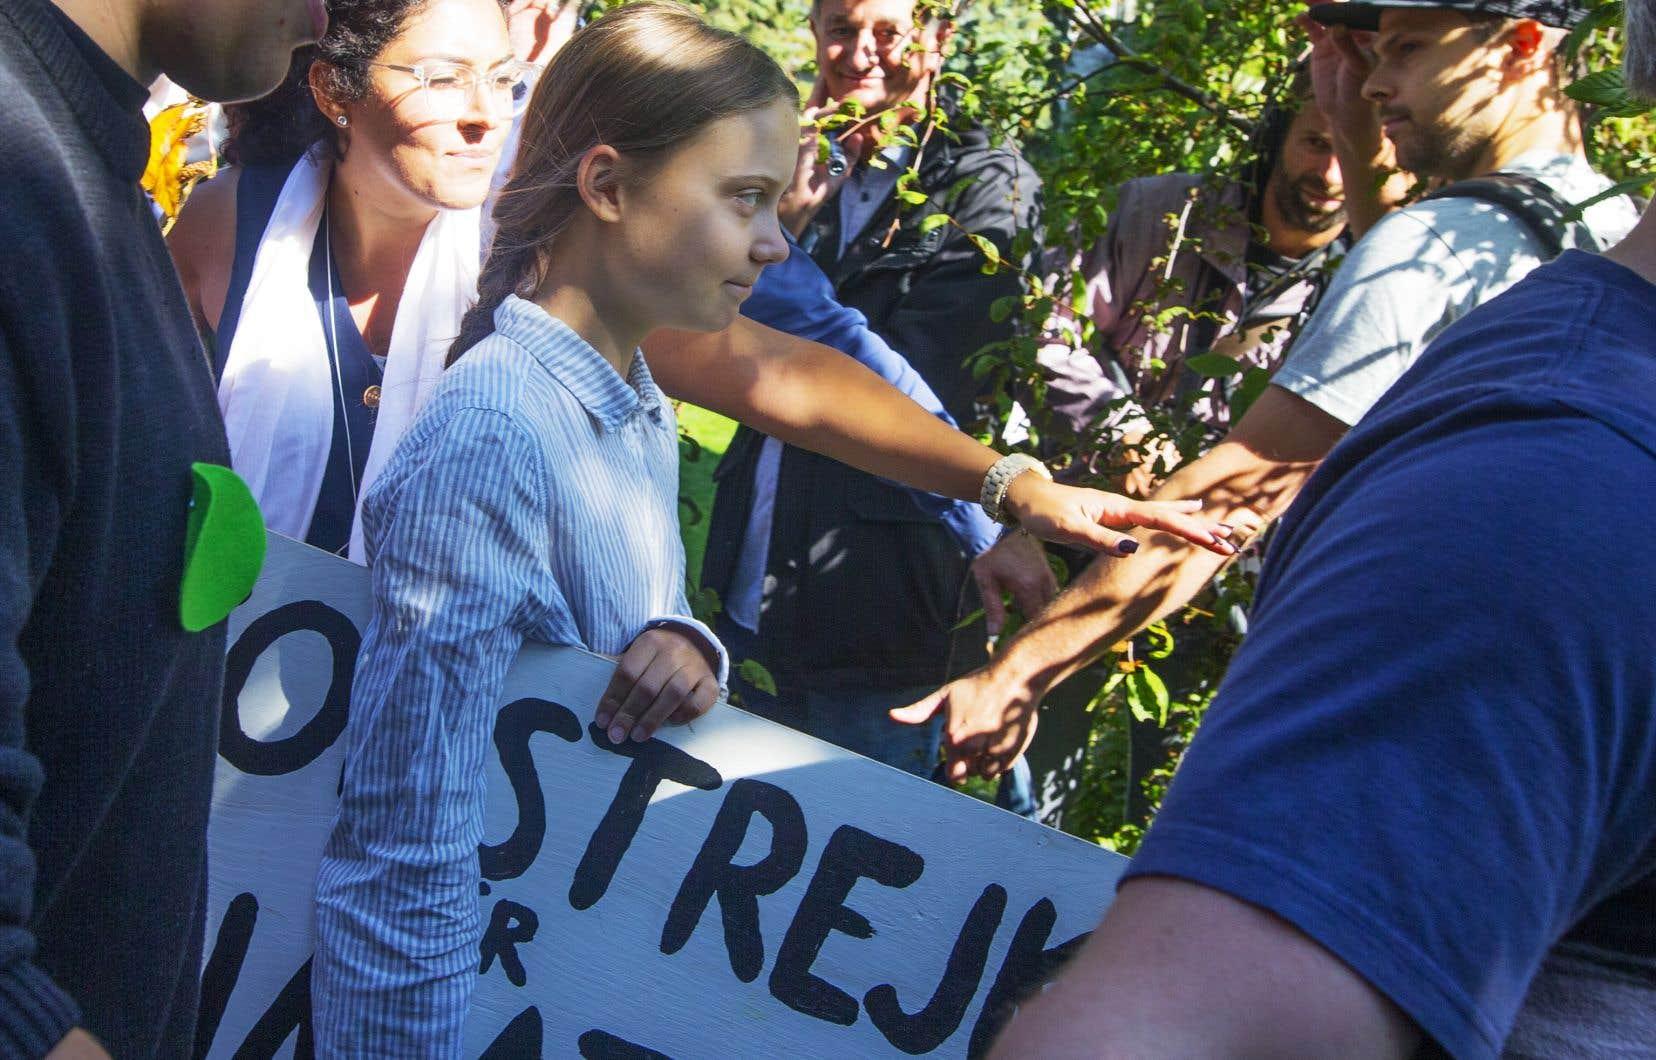 Plusieurs messages visaient directement Greta Thunberg, la jeune égérie du climat qui menait la marche vendredi à Montréal.